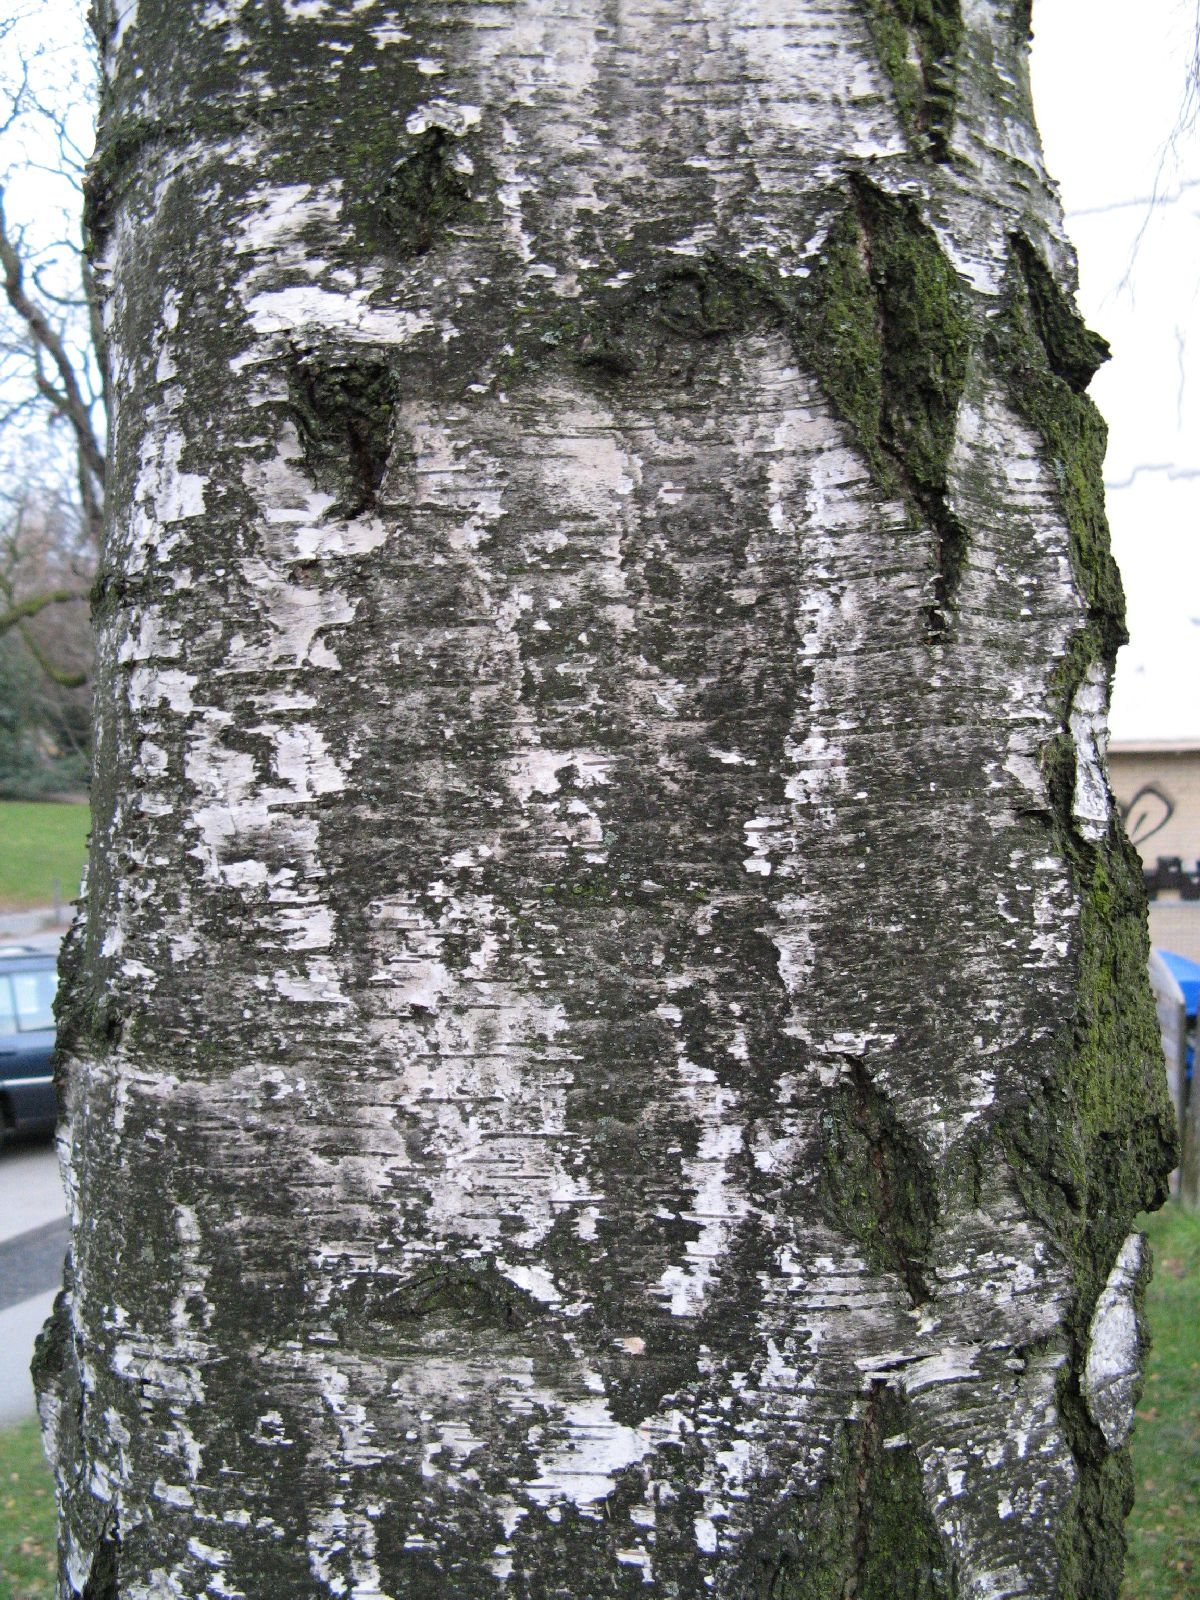 Baum-Rinde_Texturs_B_25680